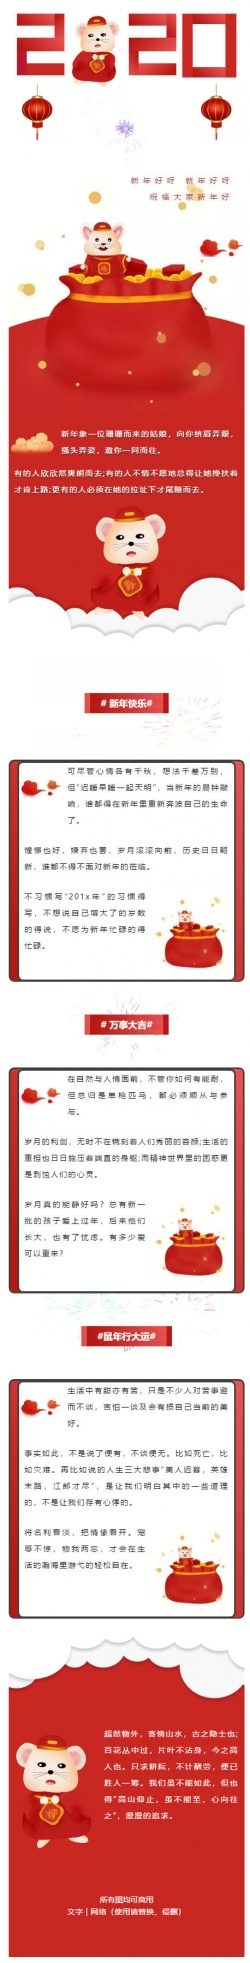 2020春节微信模板农历新年公众号推文素材最新推送图文模板